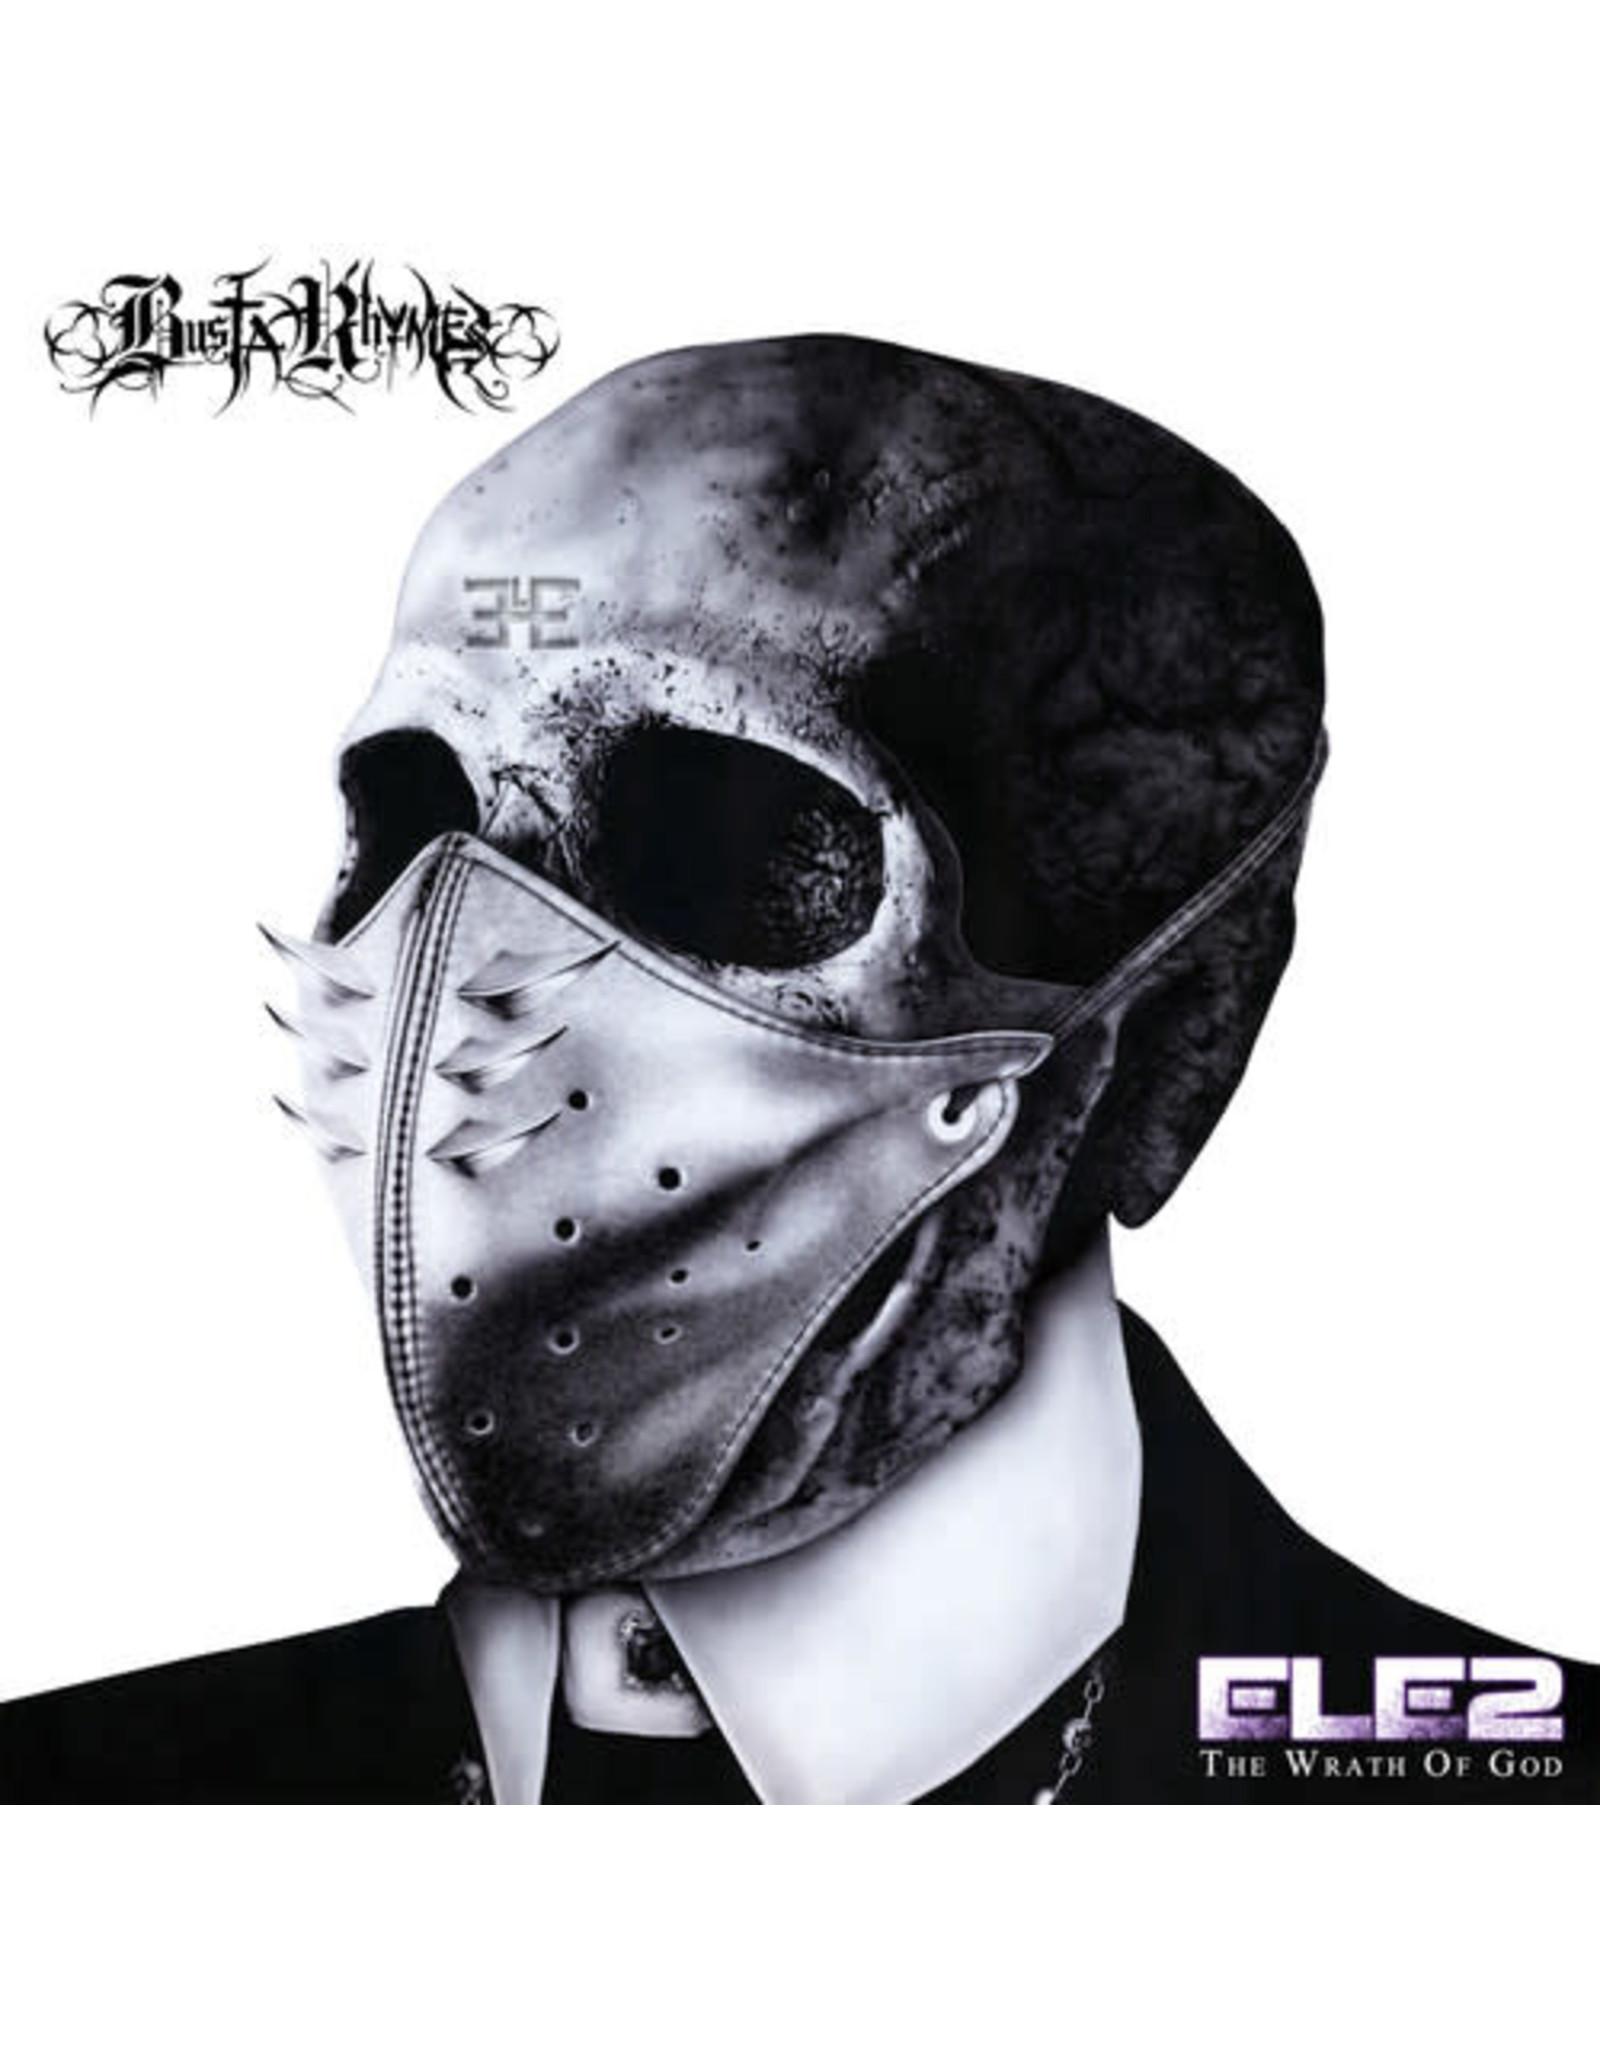 New Vinyl Busta Rhymes - Extinction Level Event 2: The Wrath of God (Split Black & White) 2LP